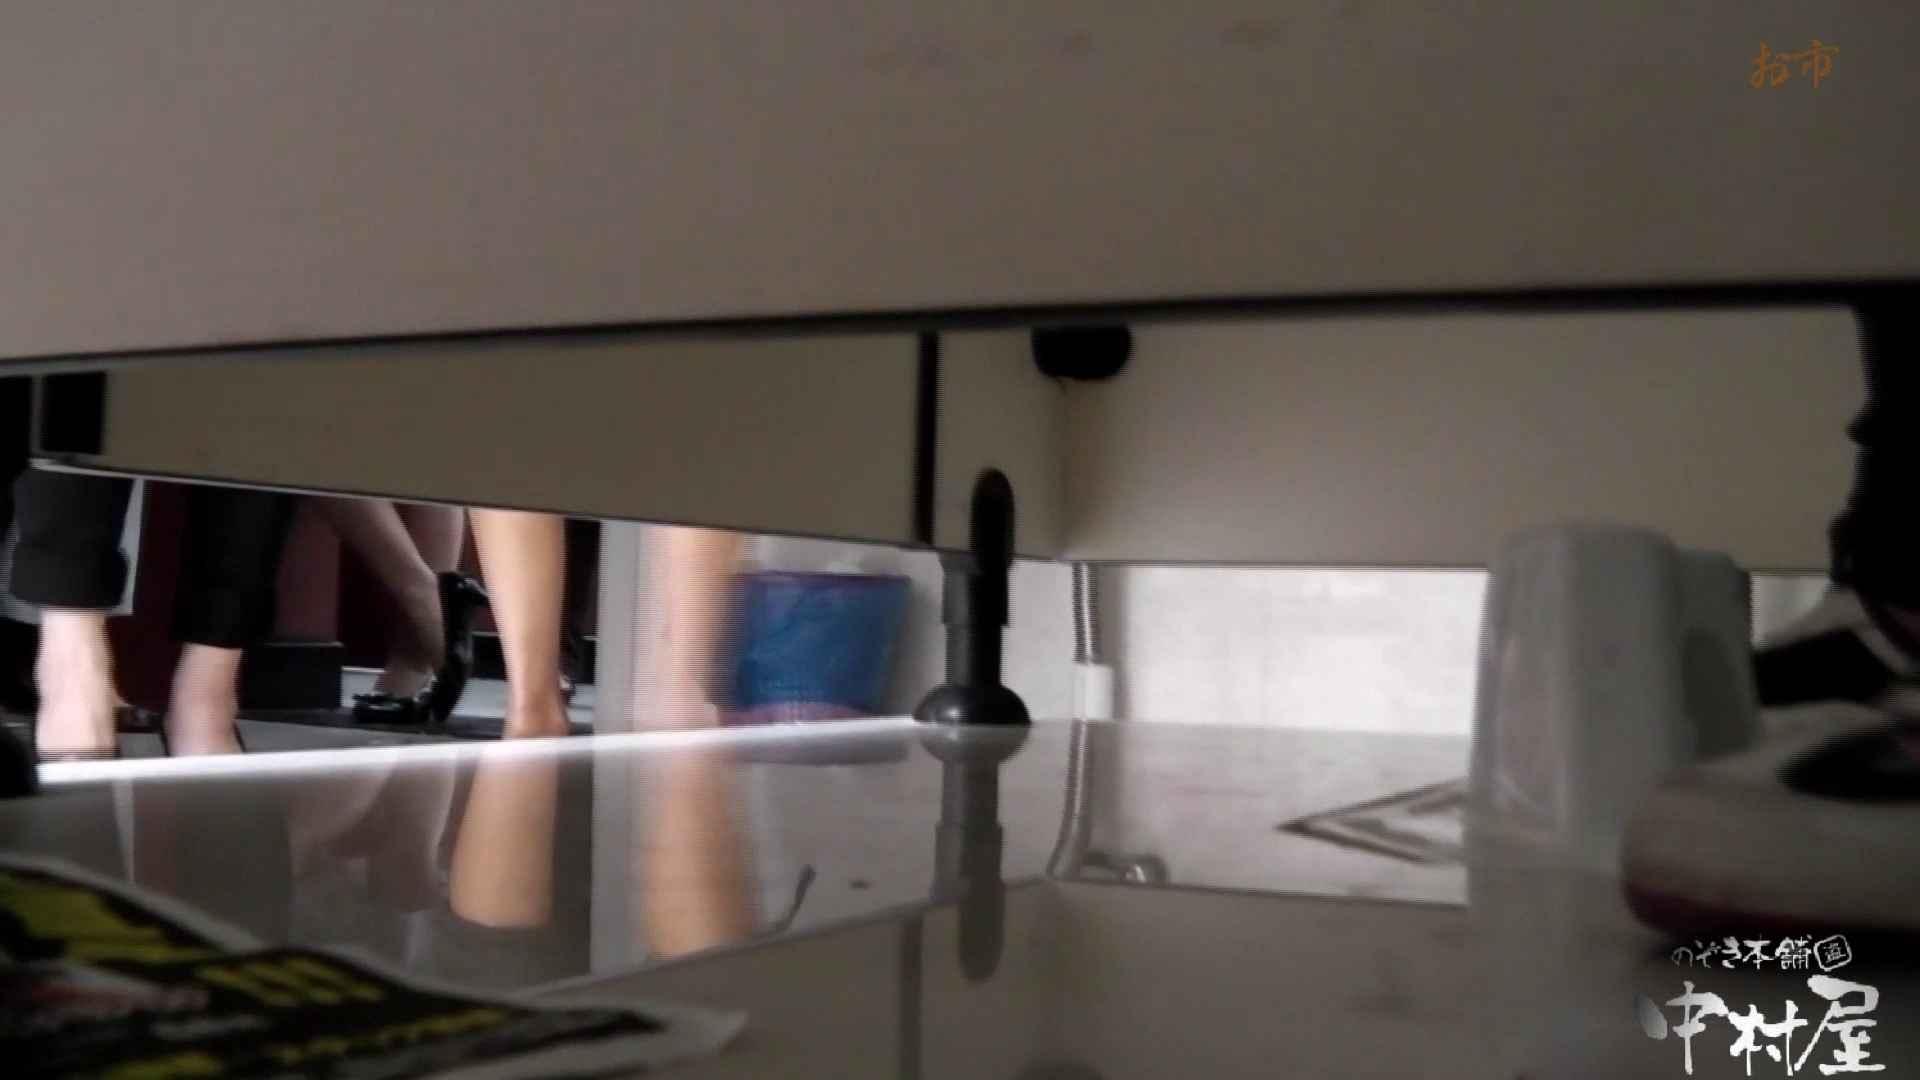 お市さんの「お尻丸出しジャンボリー」No.15 潜入突撃 のぞき動画画像 99pic 36